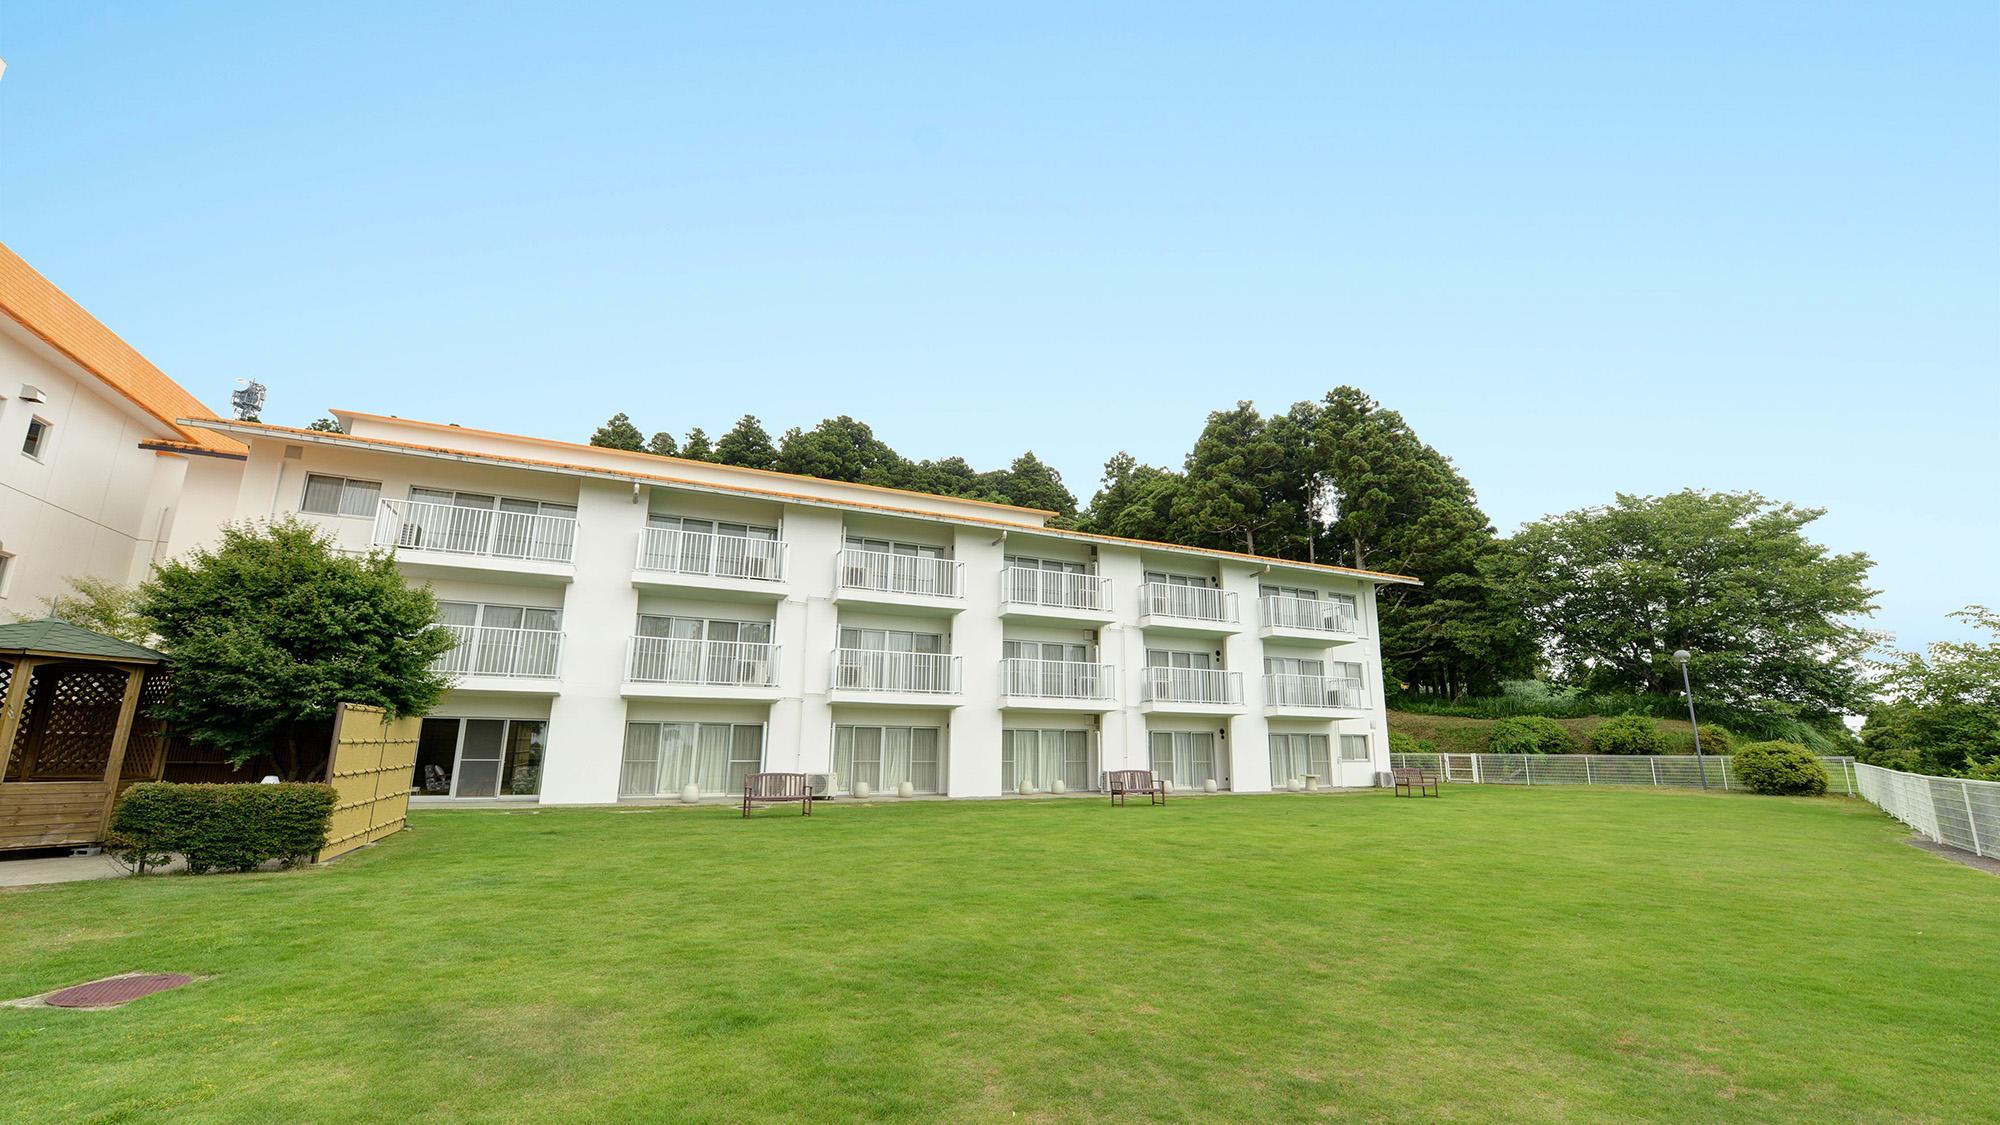 かずさリゾート 鹿野山ビューホテル...